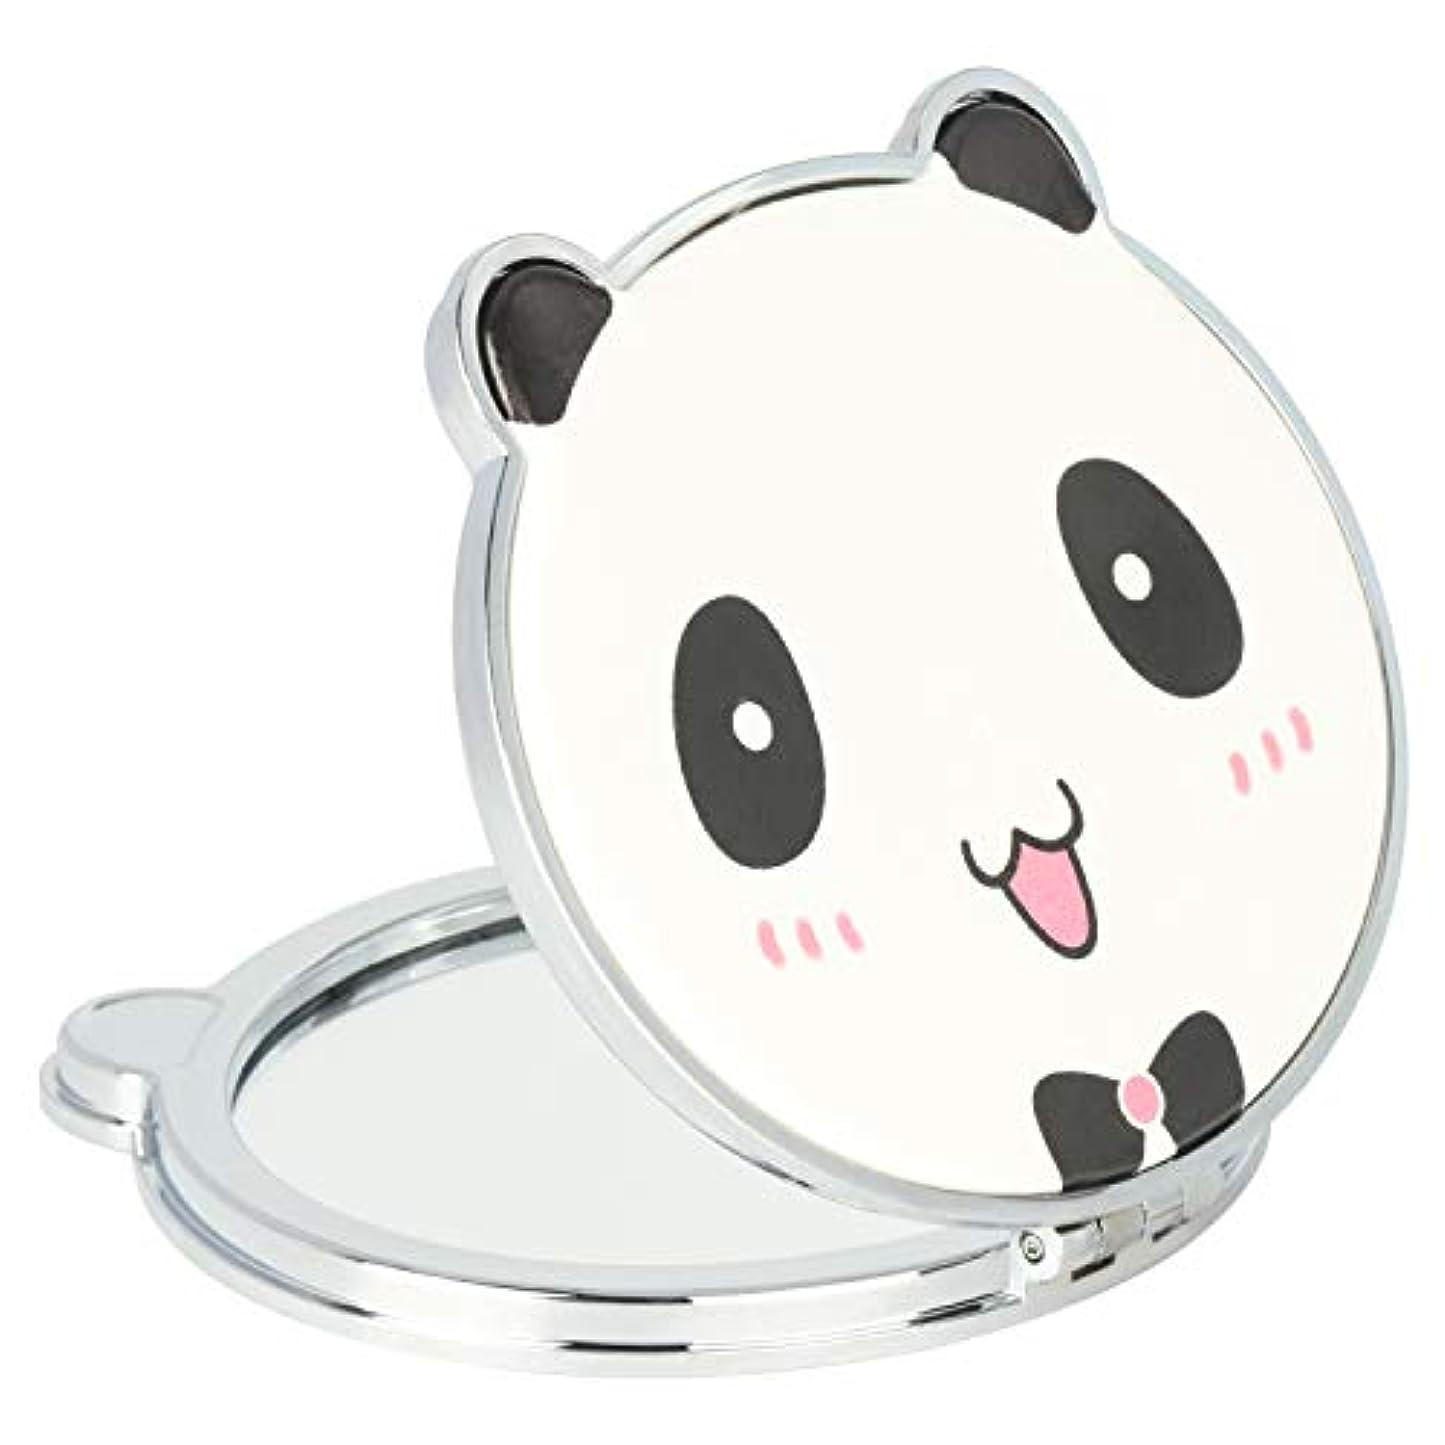 影響を受けやすいですアームストロングまだらMouyor 両面コンパクトミラー 手鏡 化粧鏡 携帯ミラー ハンドミラー 2倍拡大鏡+等倍鏡 折りたたみ (パンダの形-X4)